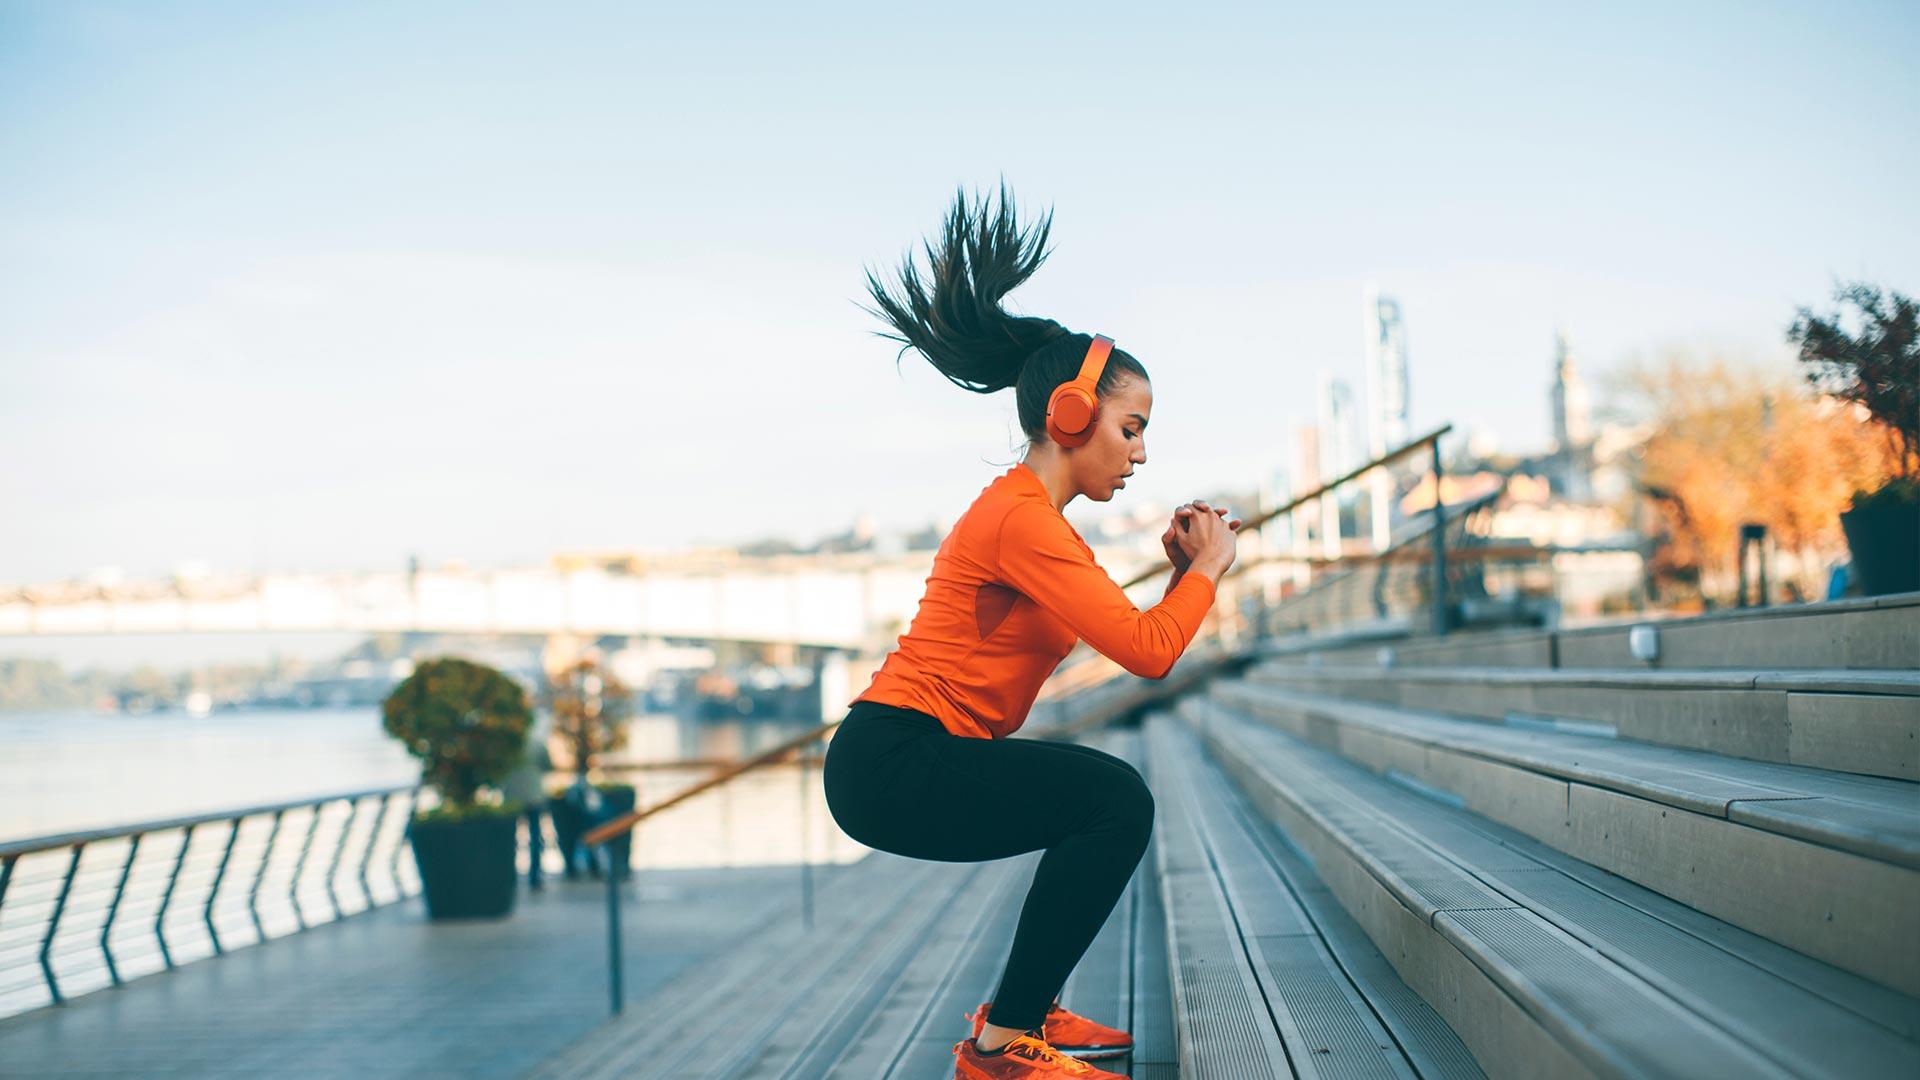 Il binomio gelato e sport sta diventando sempre più diffuso fra i praticanti della vita sana.